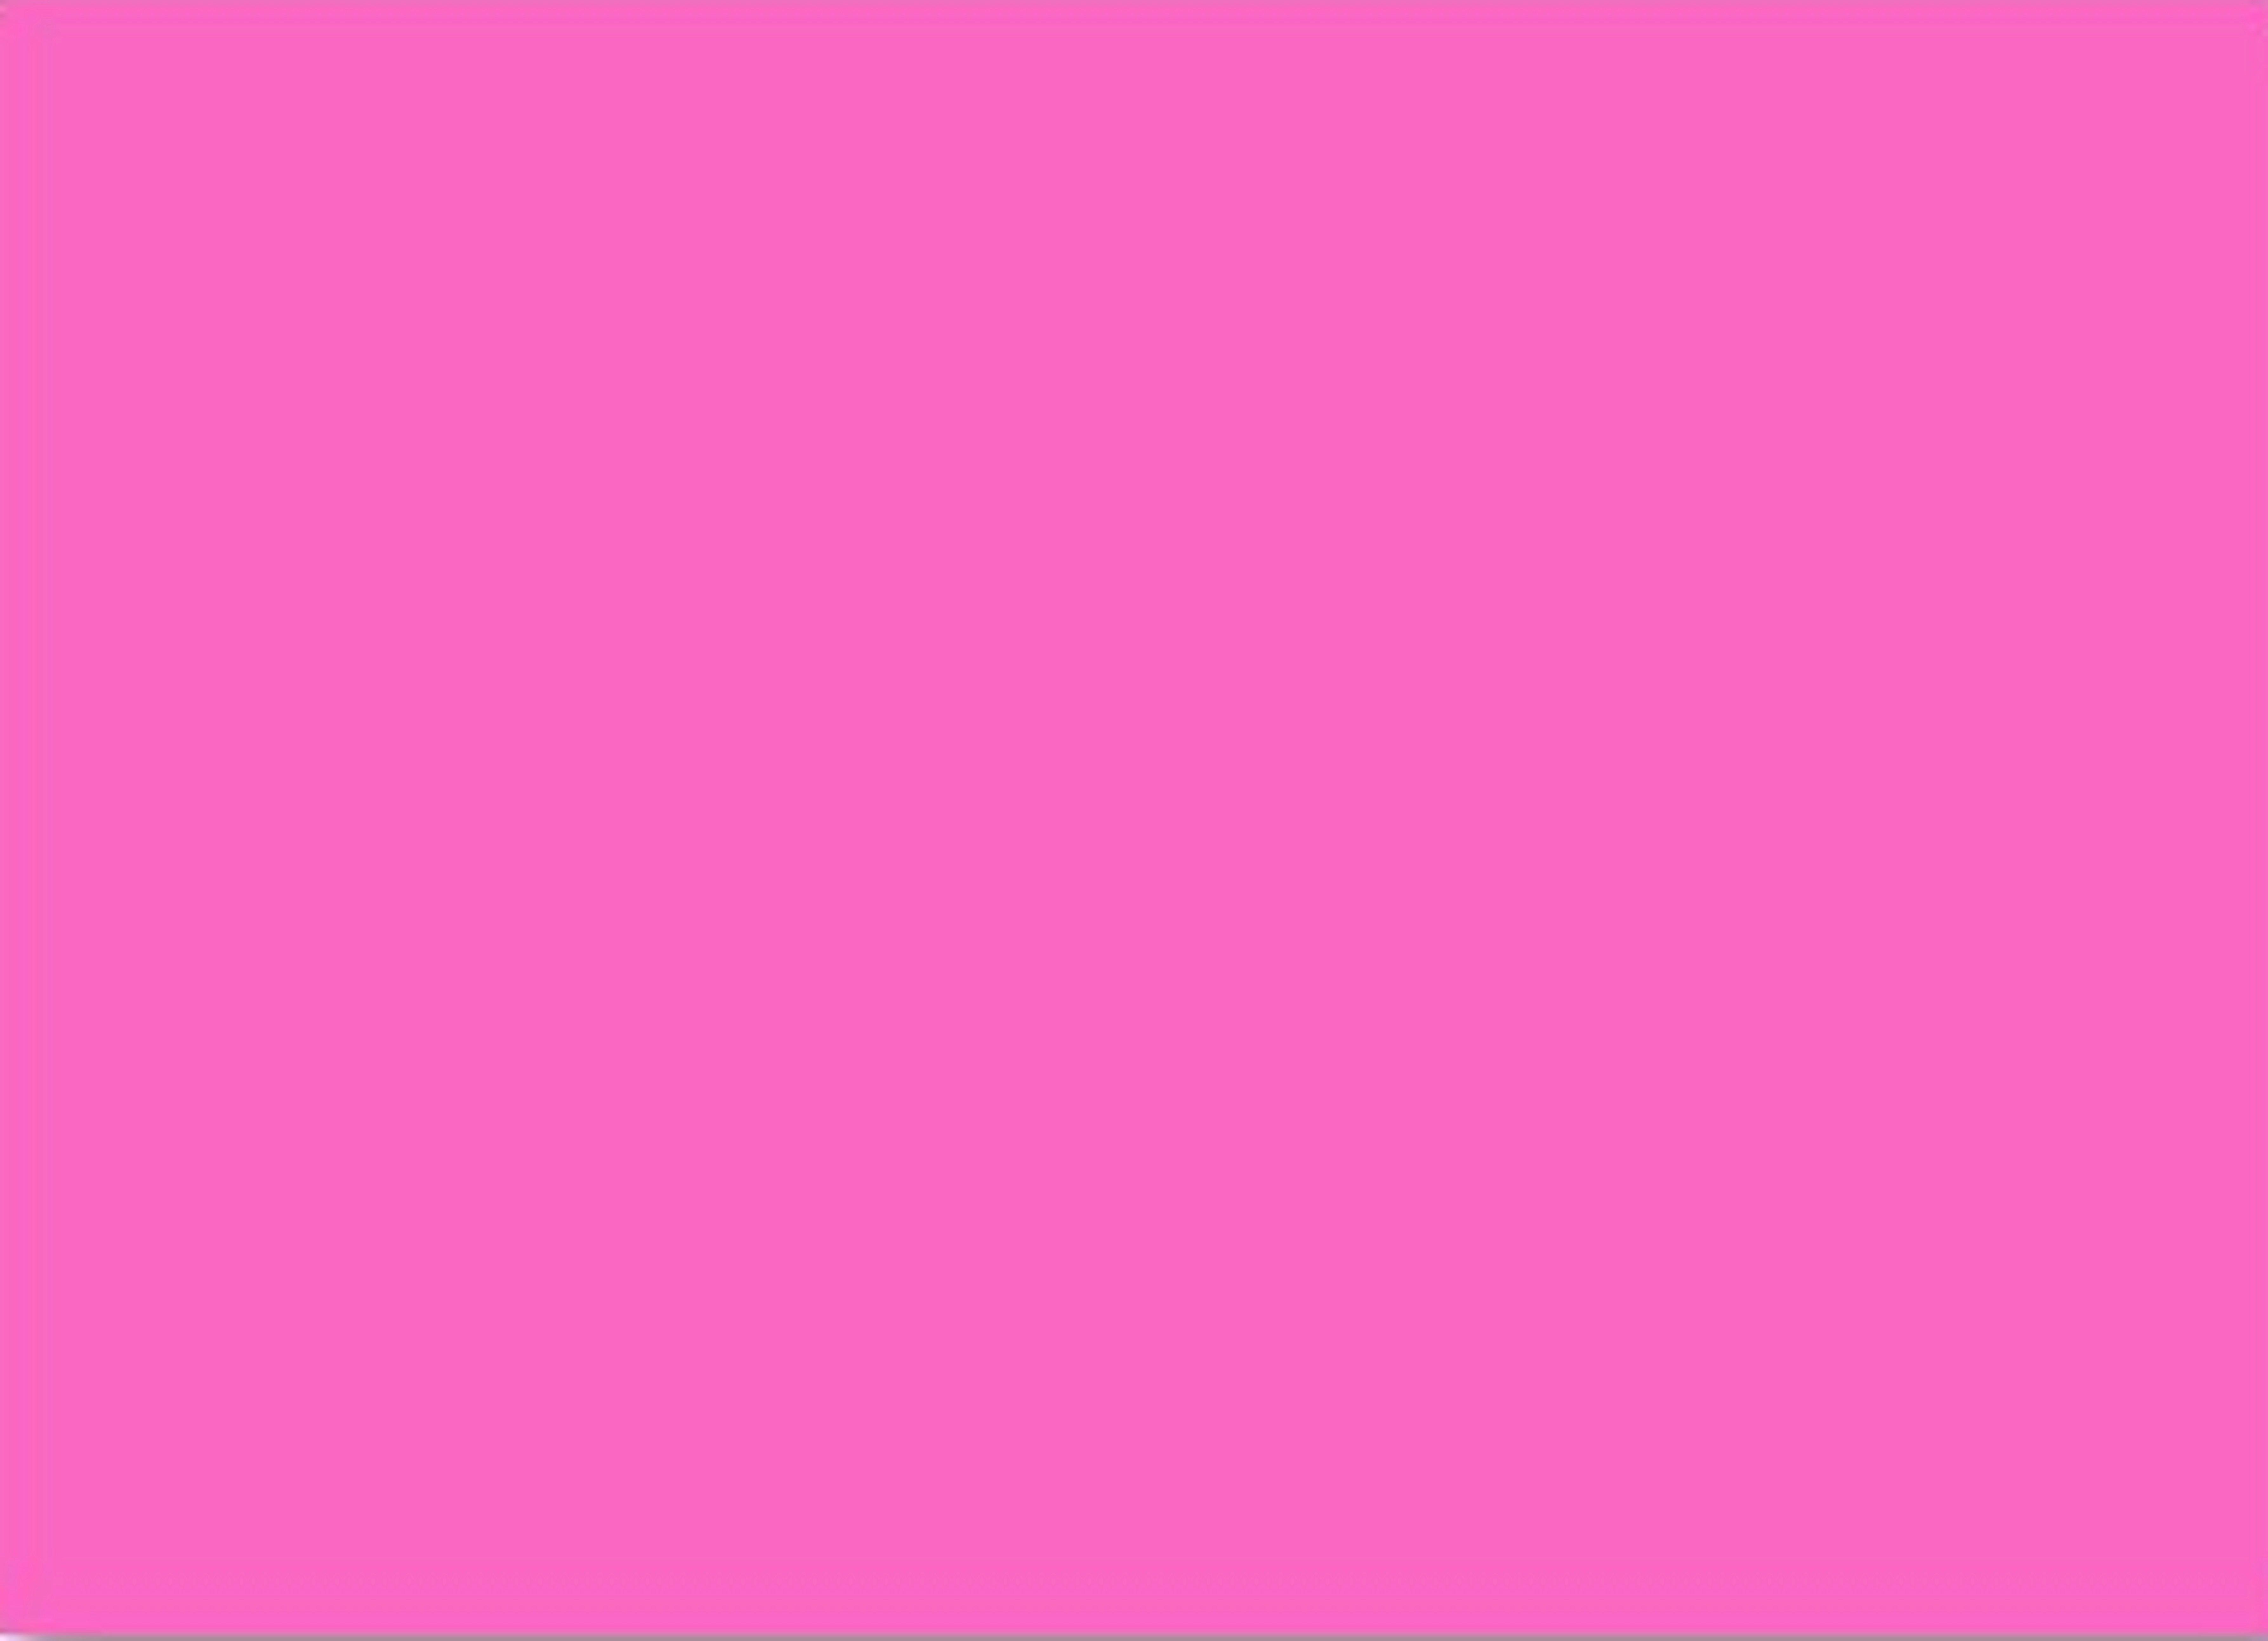 Plain Pink Wallpaper wallpaper wallpaper hd background desktop 7148x5173